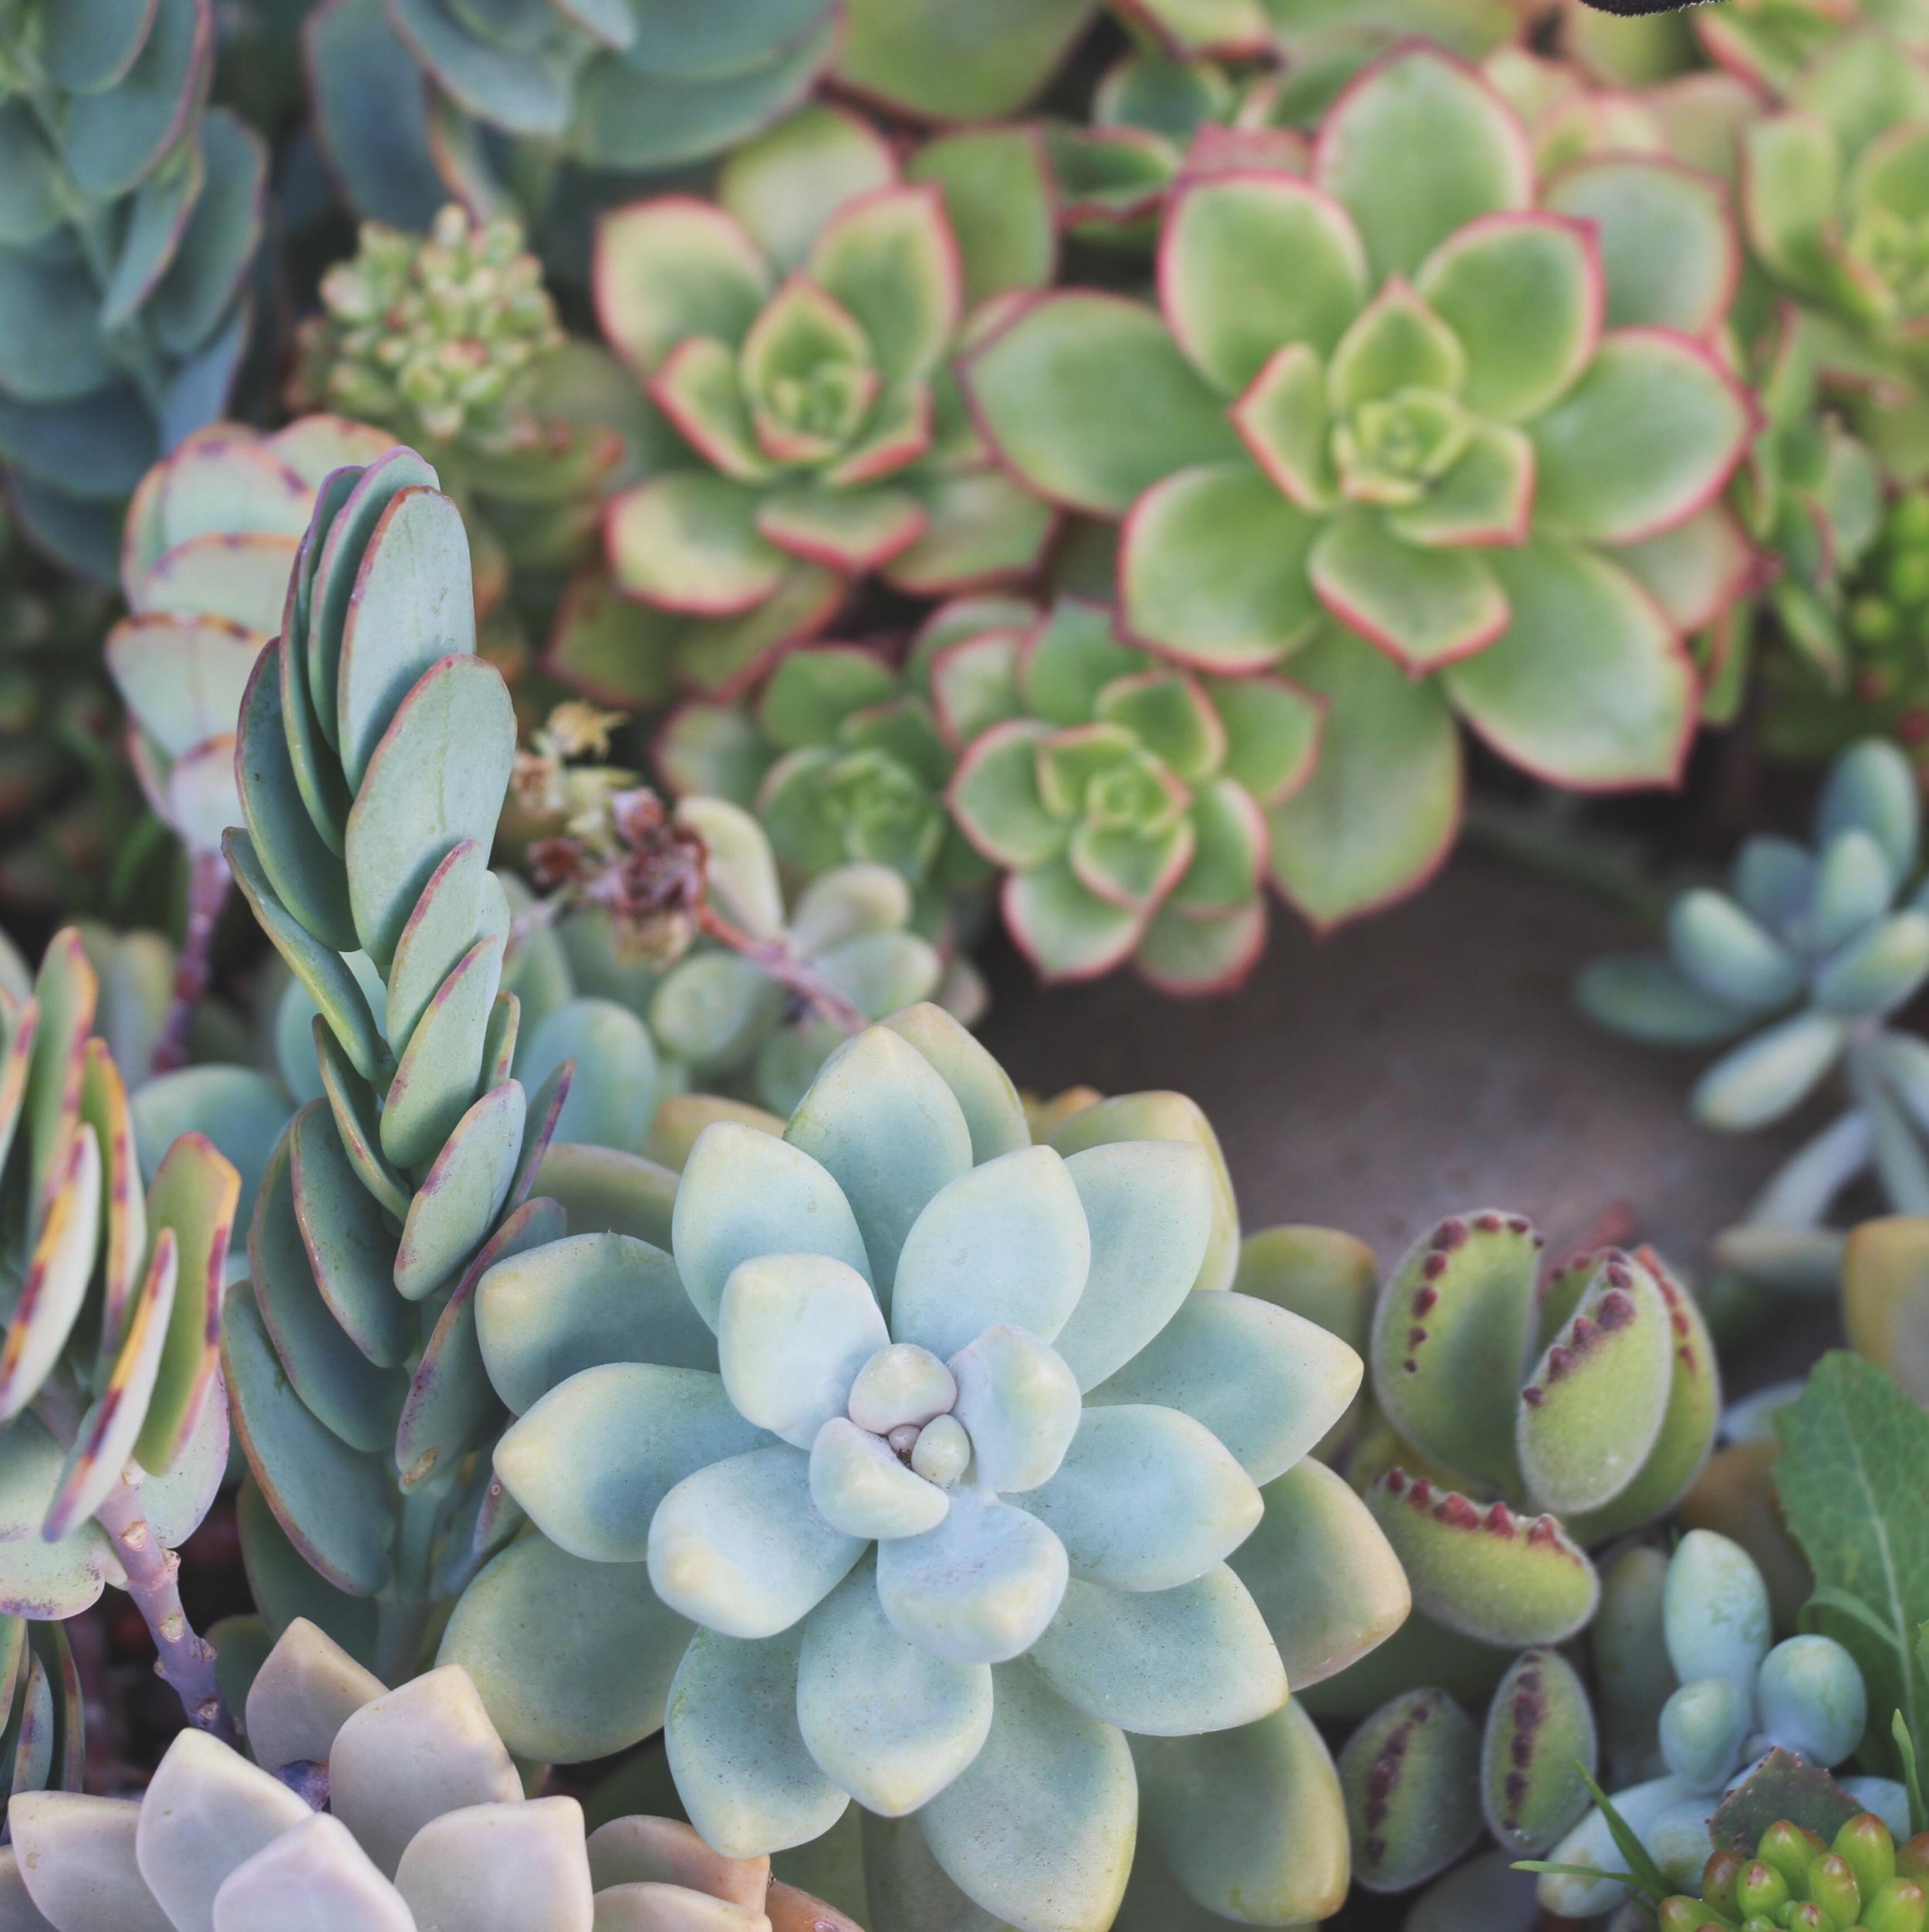 Seaside Succulents: A Garden Tour